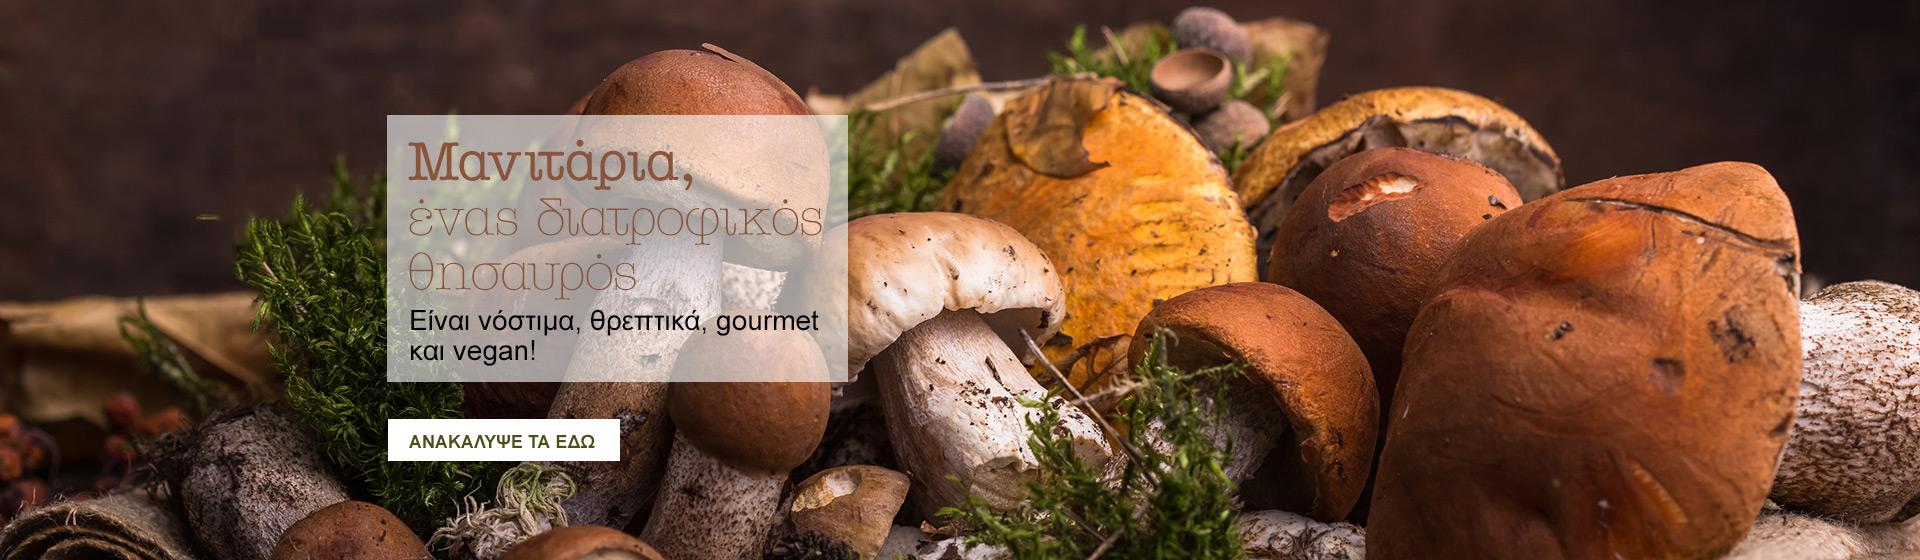 Mushrooms EL